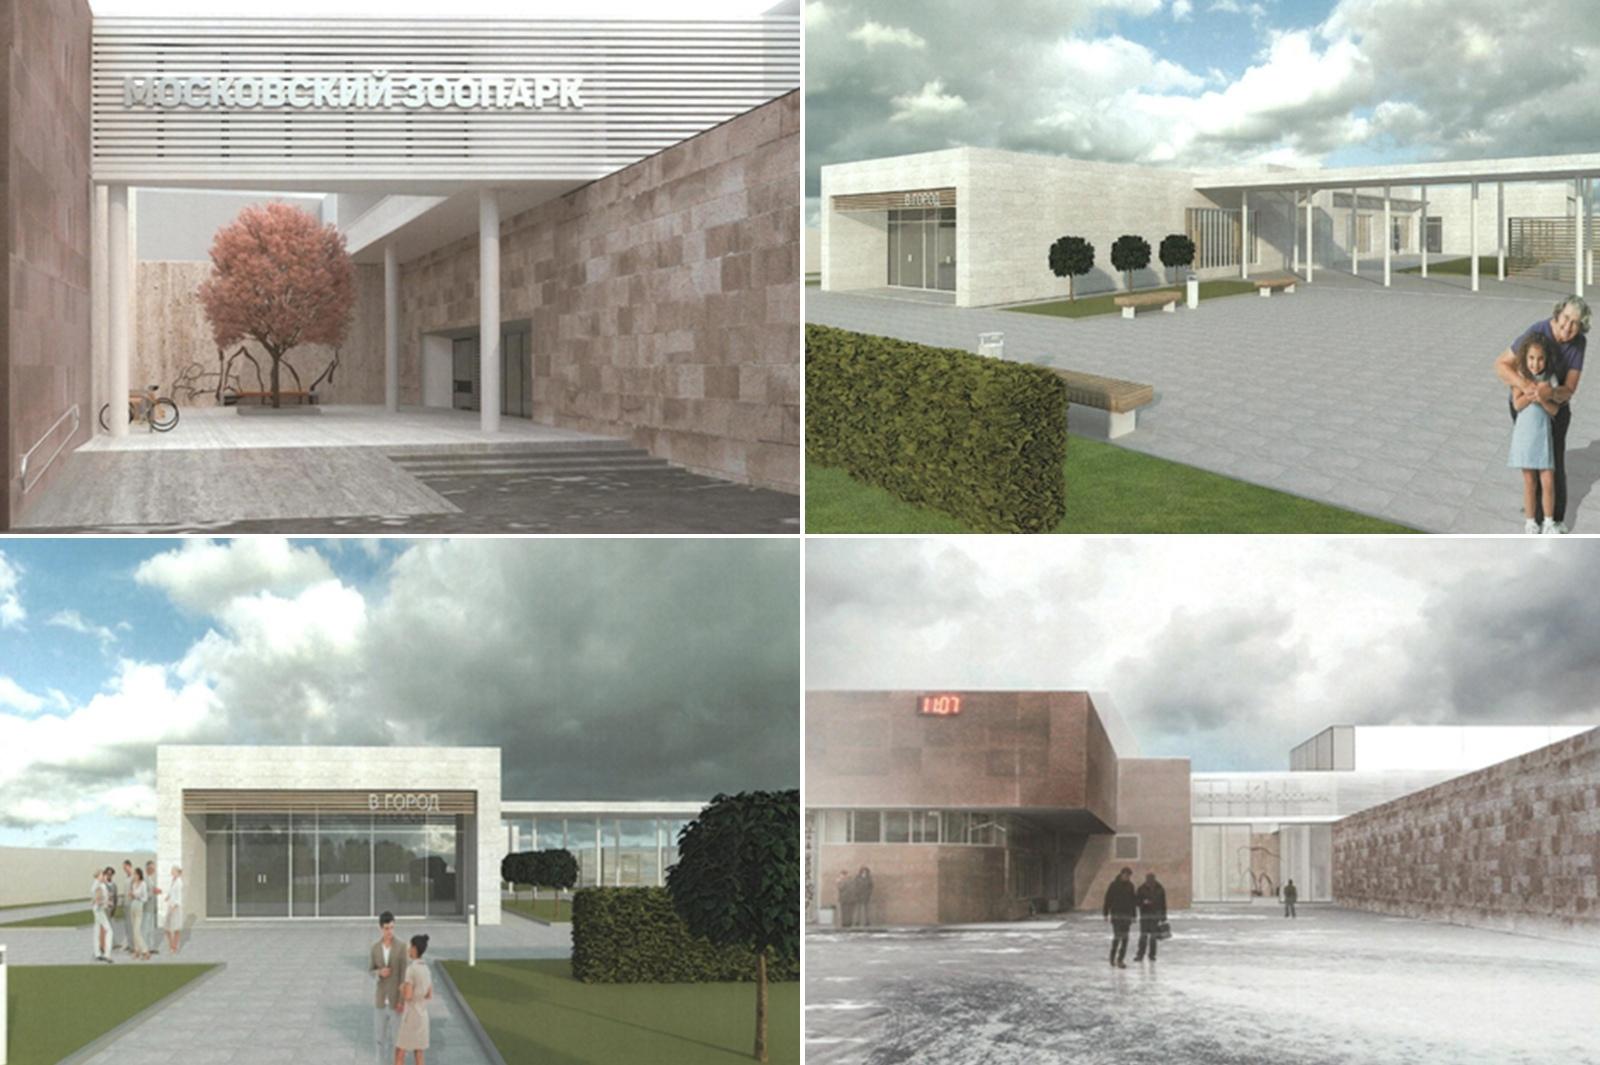 Два фонтана установят перед новым входом в Московский зоопарк, рассказал глава департамента строительства Рафик Загрутдинов